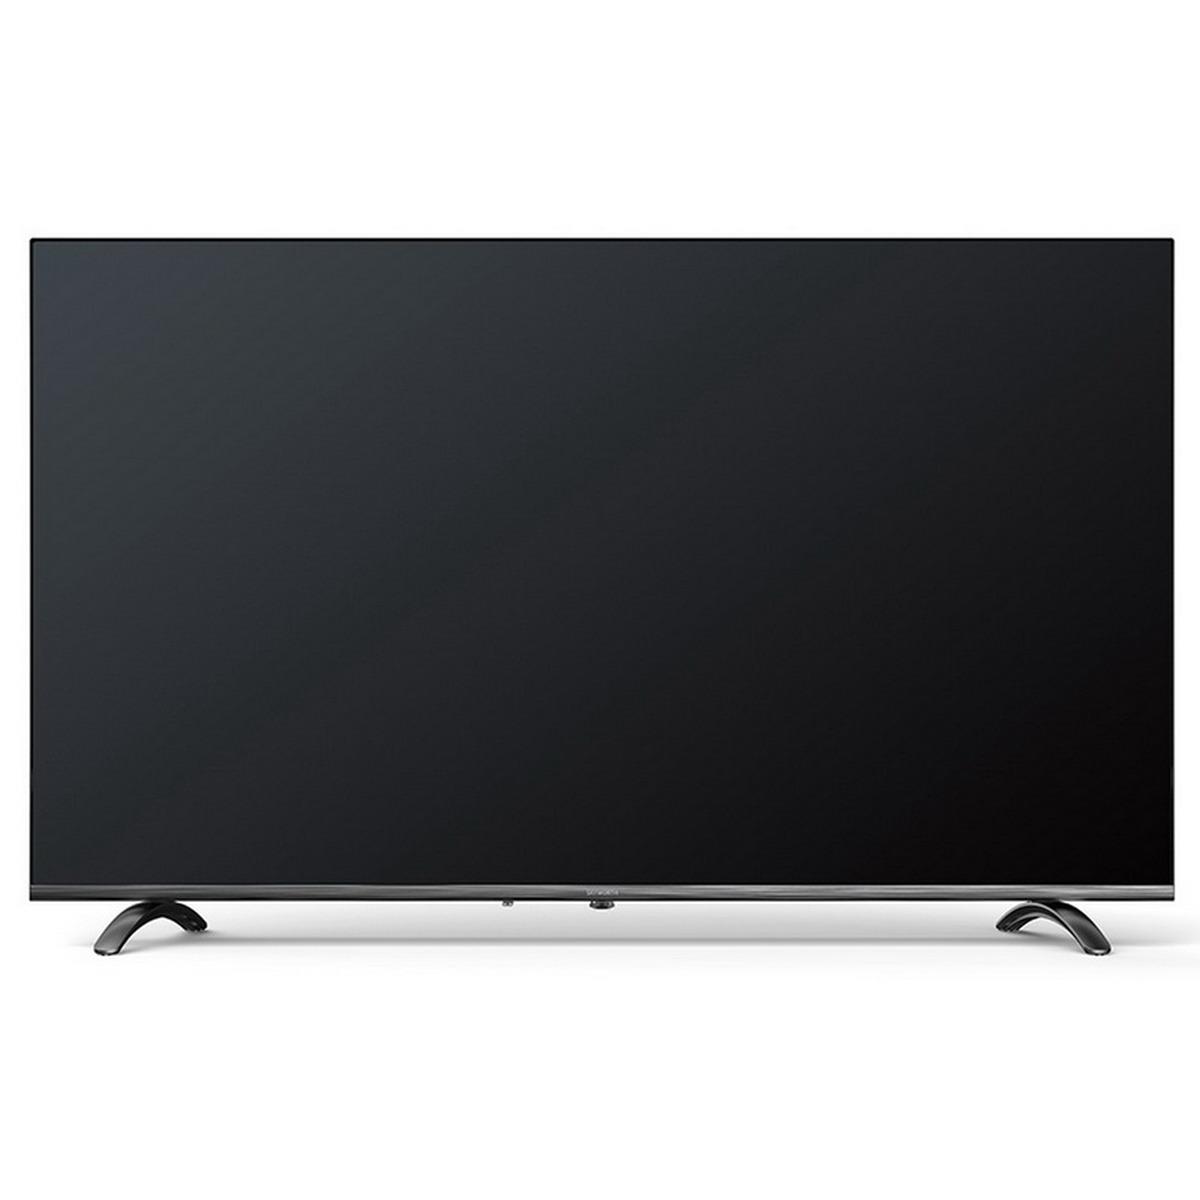 TV UHD LED (55